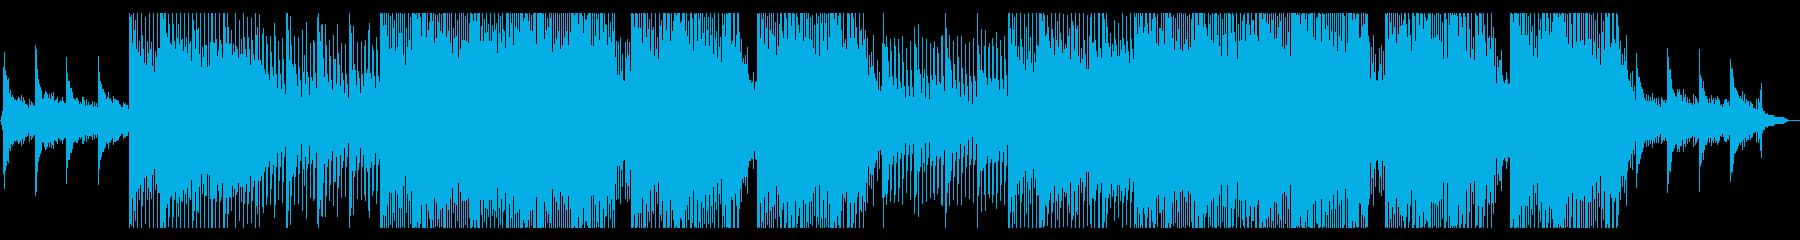 企業VP ドラマティックな切ないピアノの再生済みの波形